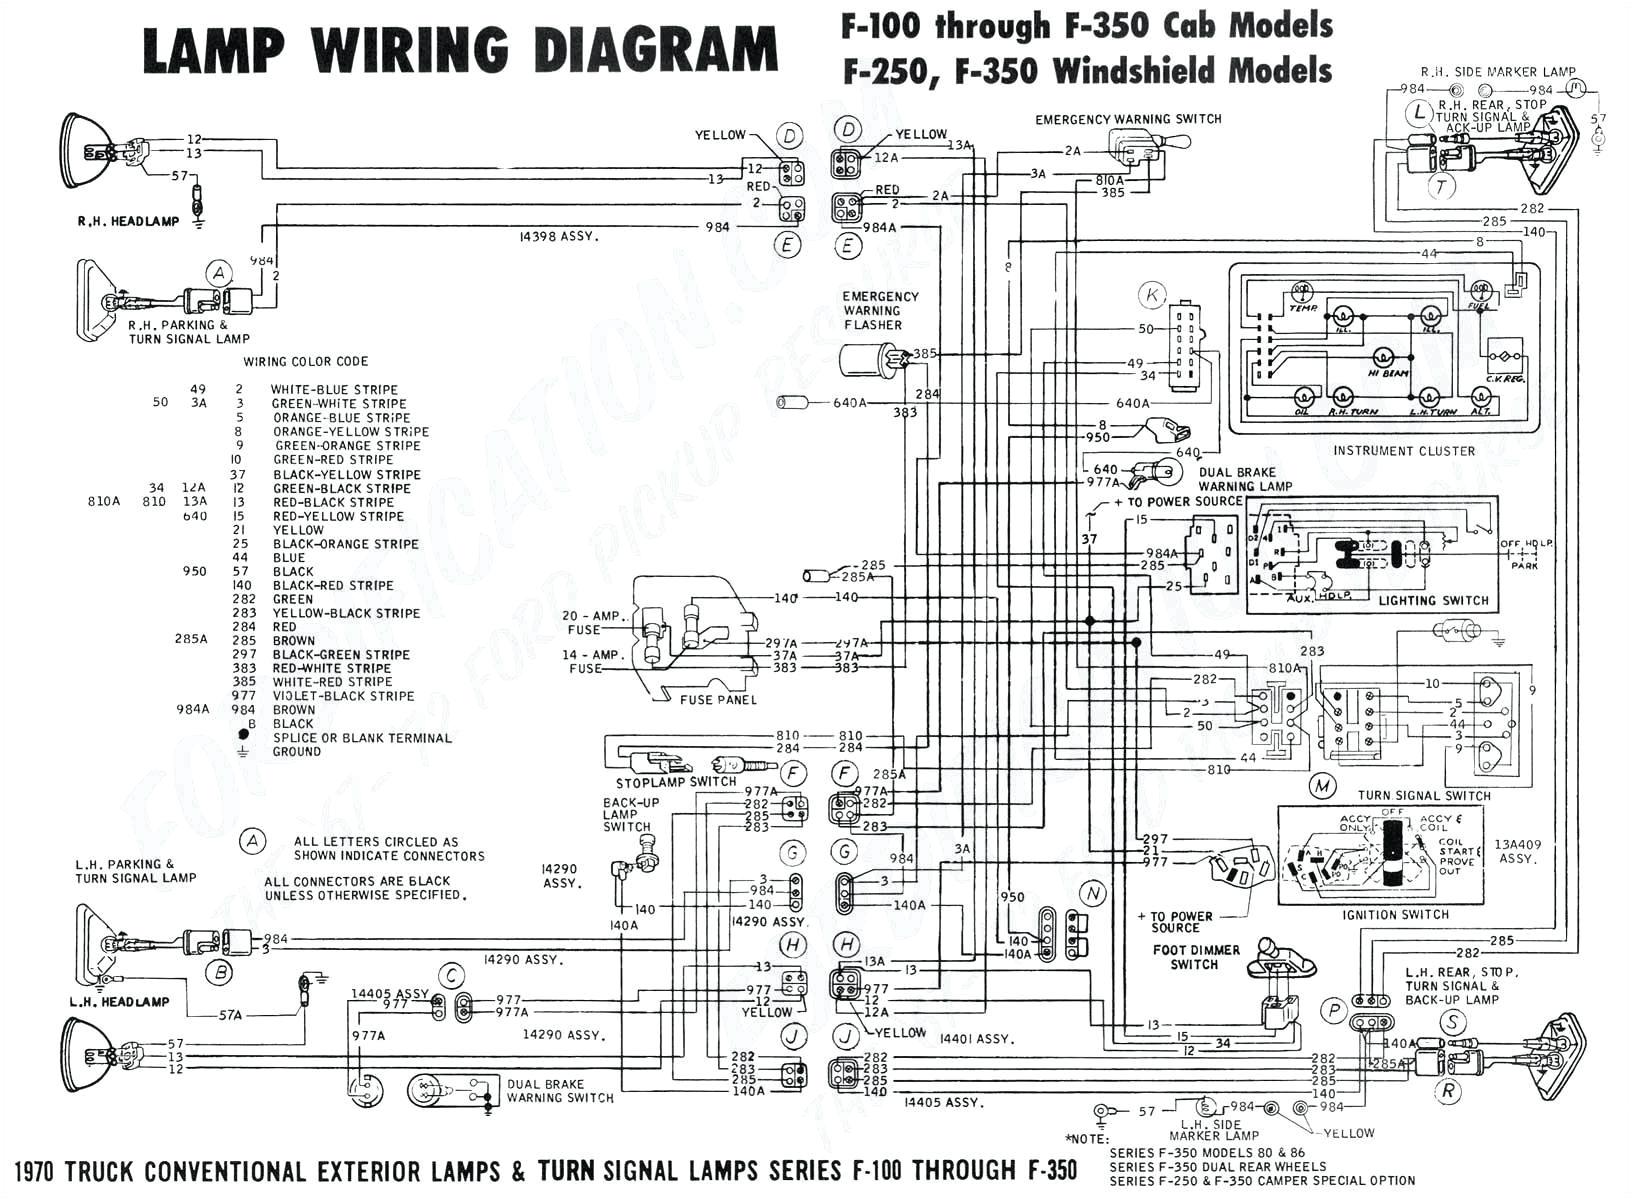 2003 Silverado Fuel Pump Wiring Diagram Wiring Diagram for 1976 Chevy Monza Fuel Pump Wiring Diagram Review